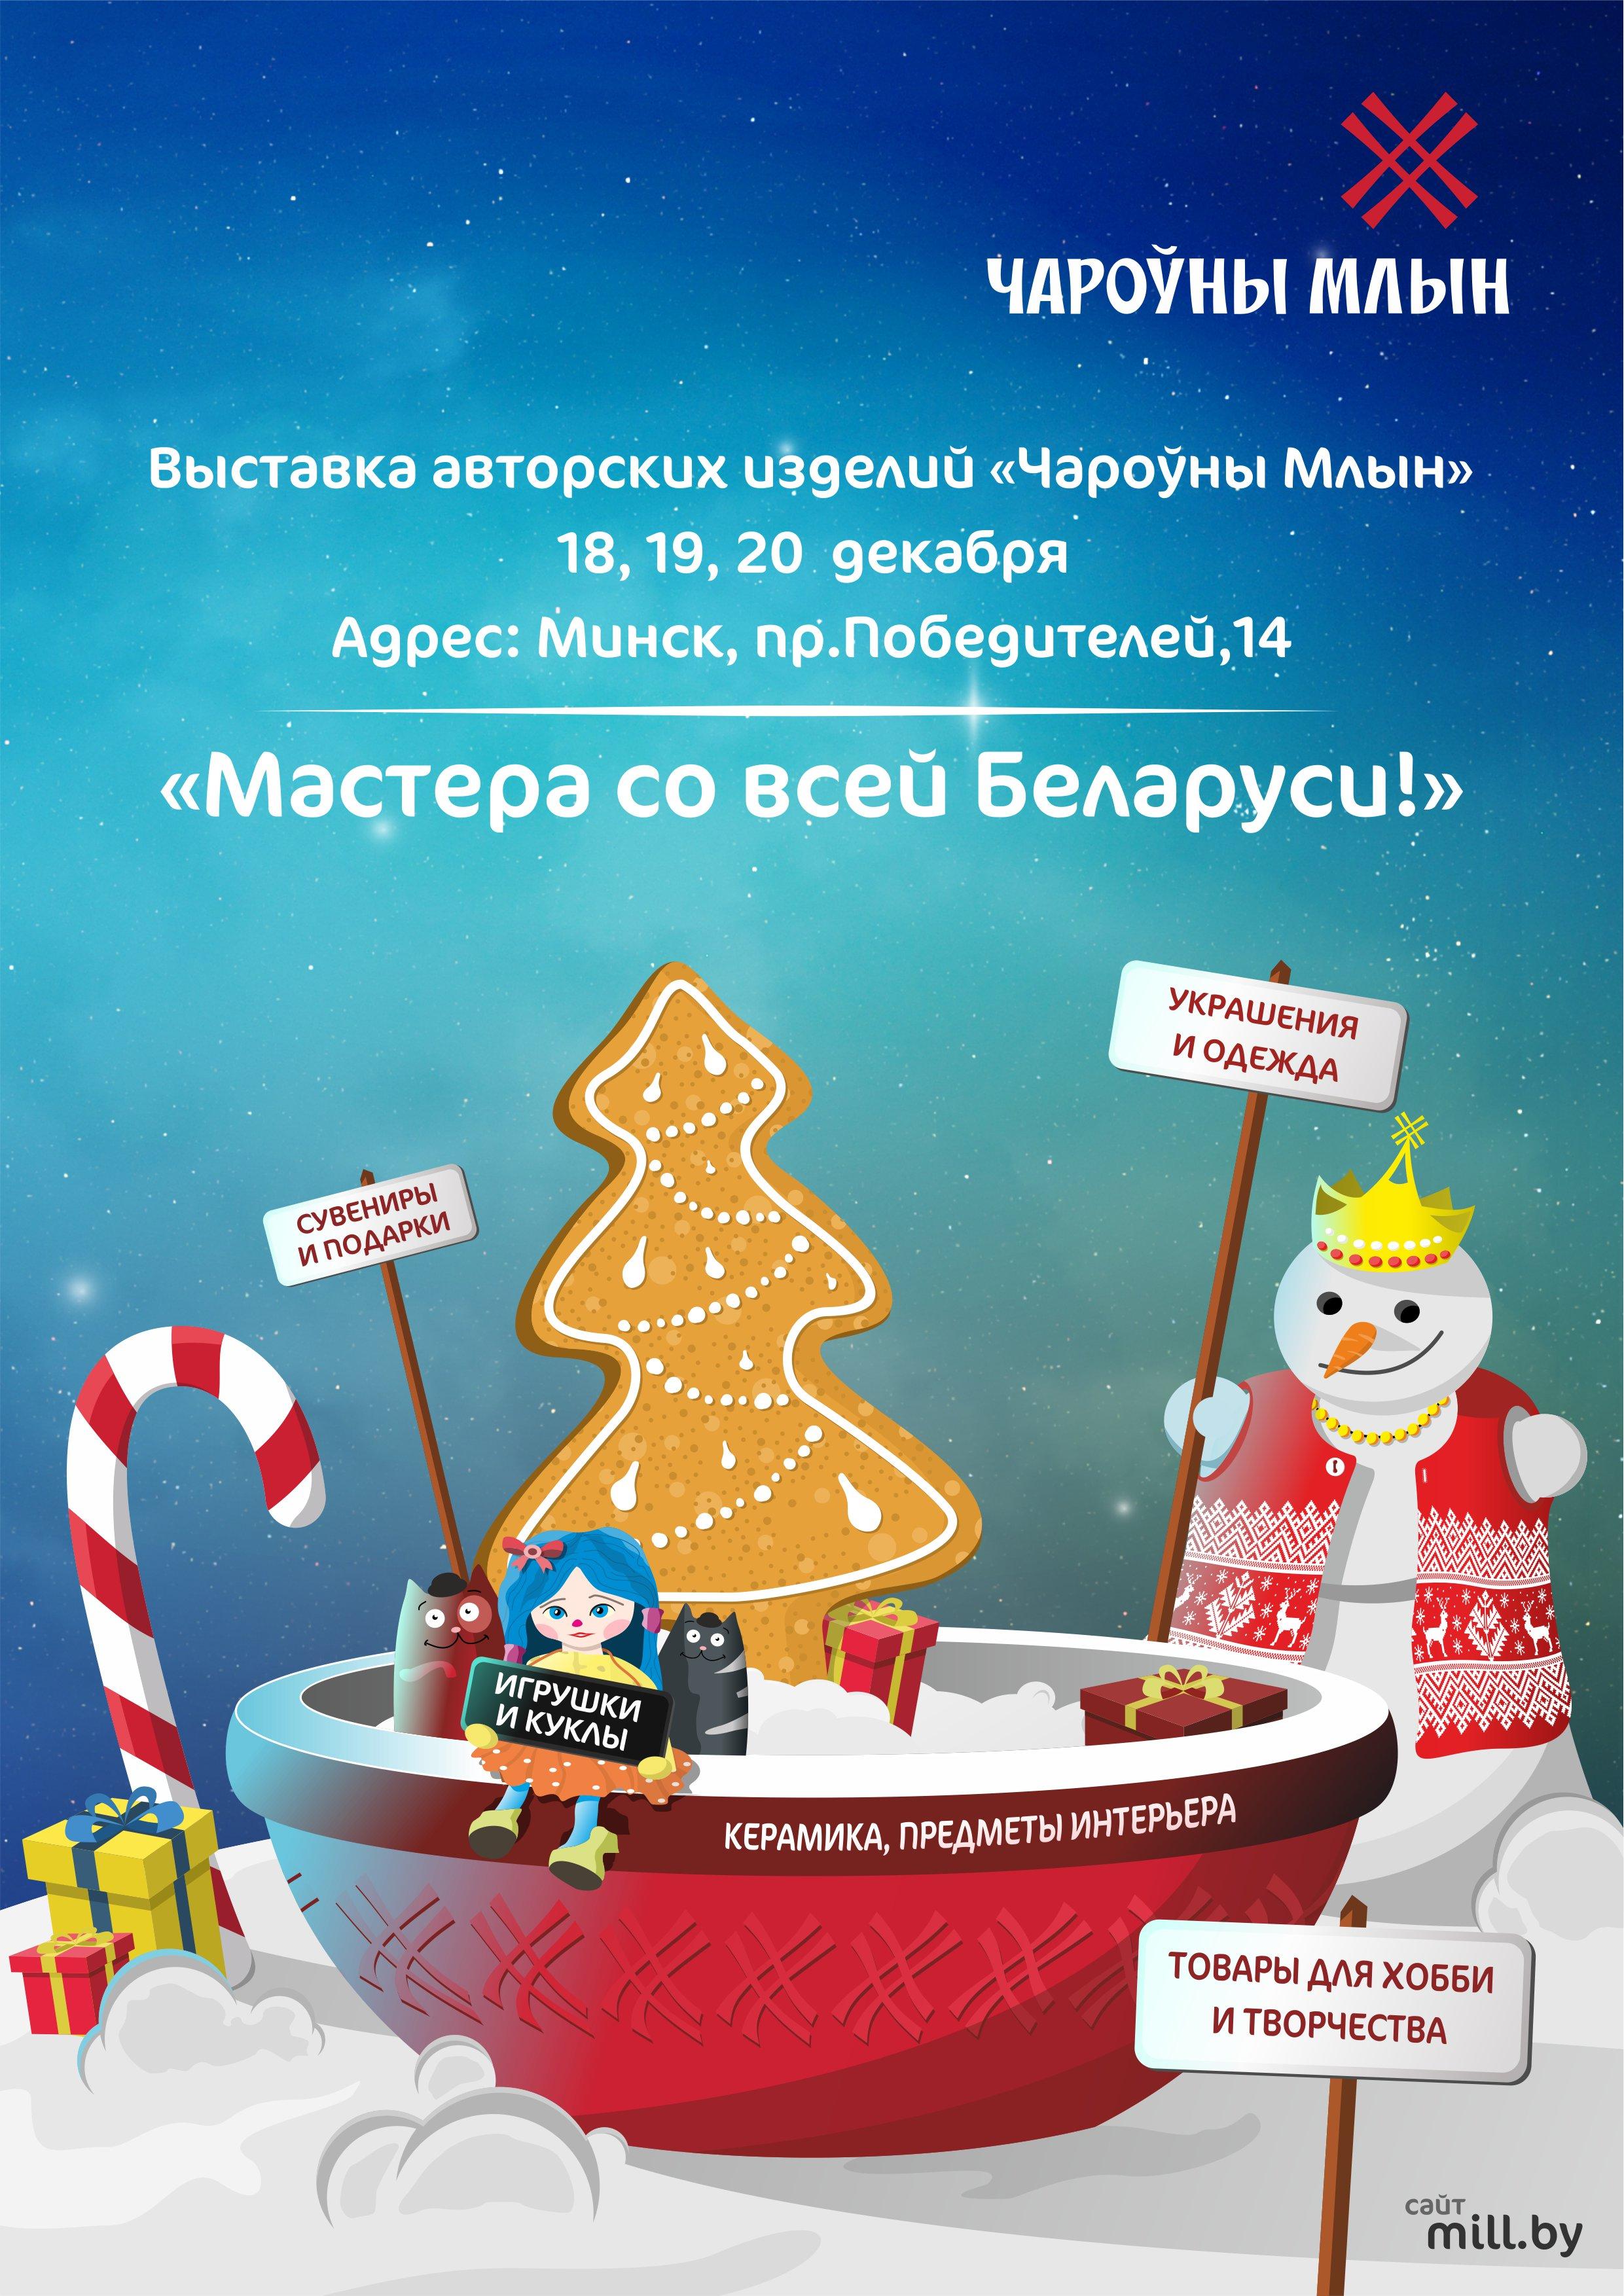 Дизайн новогодней афиши для выставки изделий ручной работы фото f_2475f8f58dad35fb.jpg